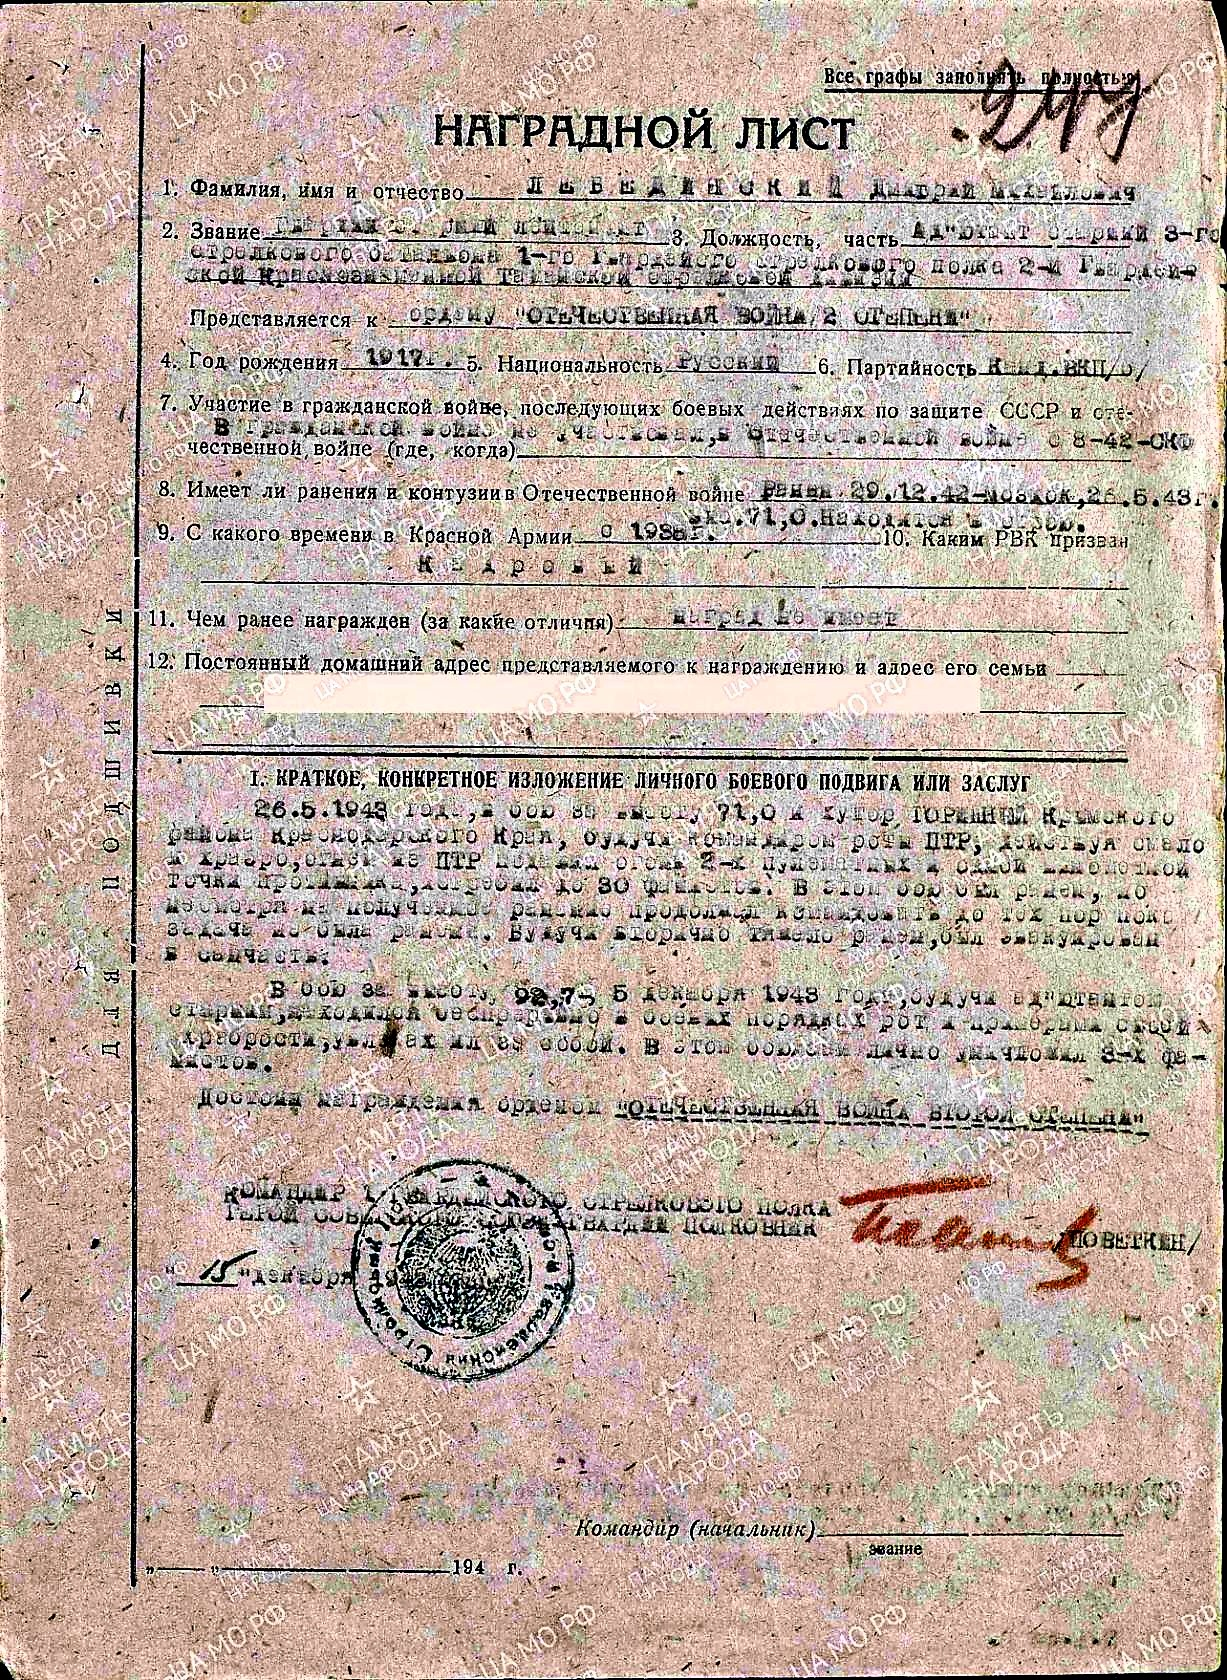 Наградной лист 1943 года